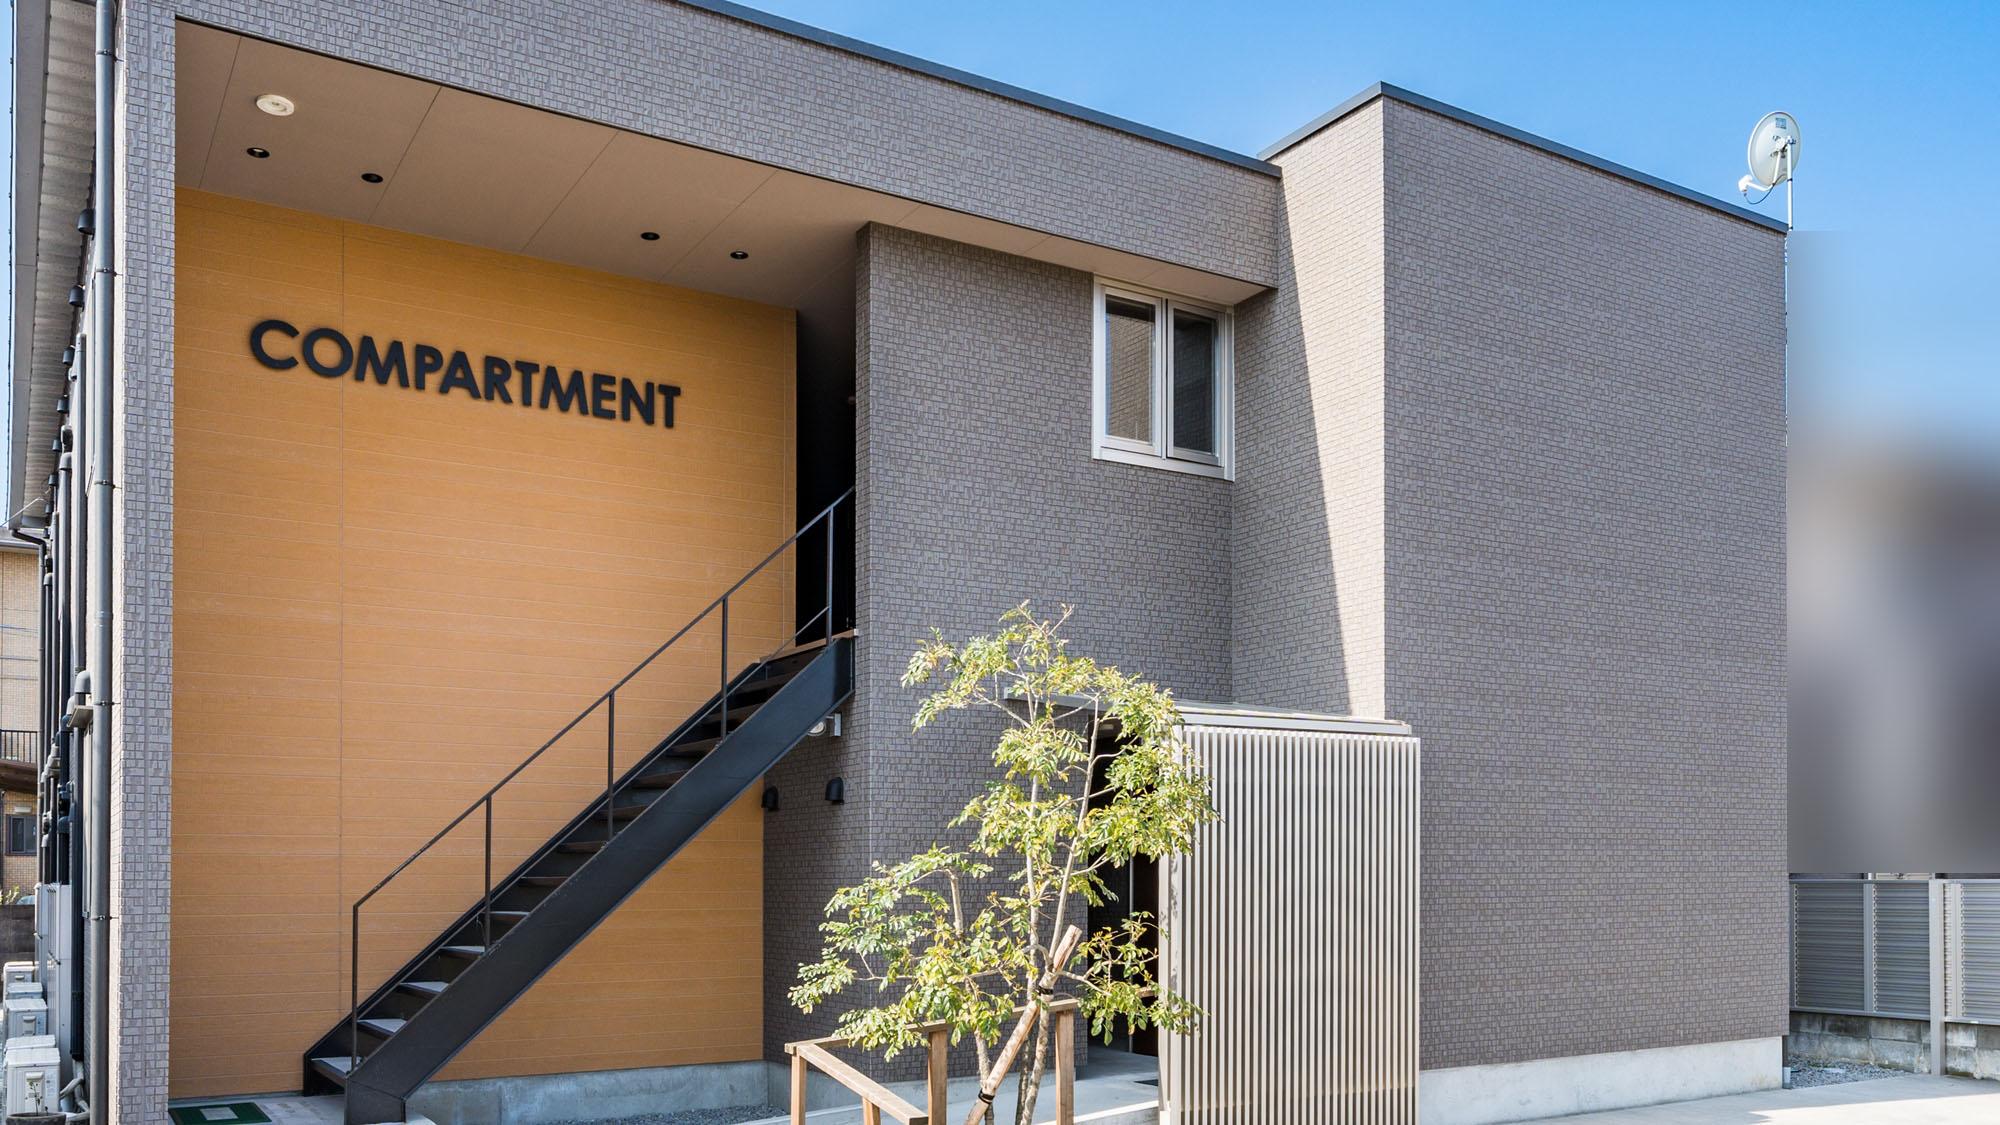 ビジネス旅館 さつまコンパートメント